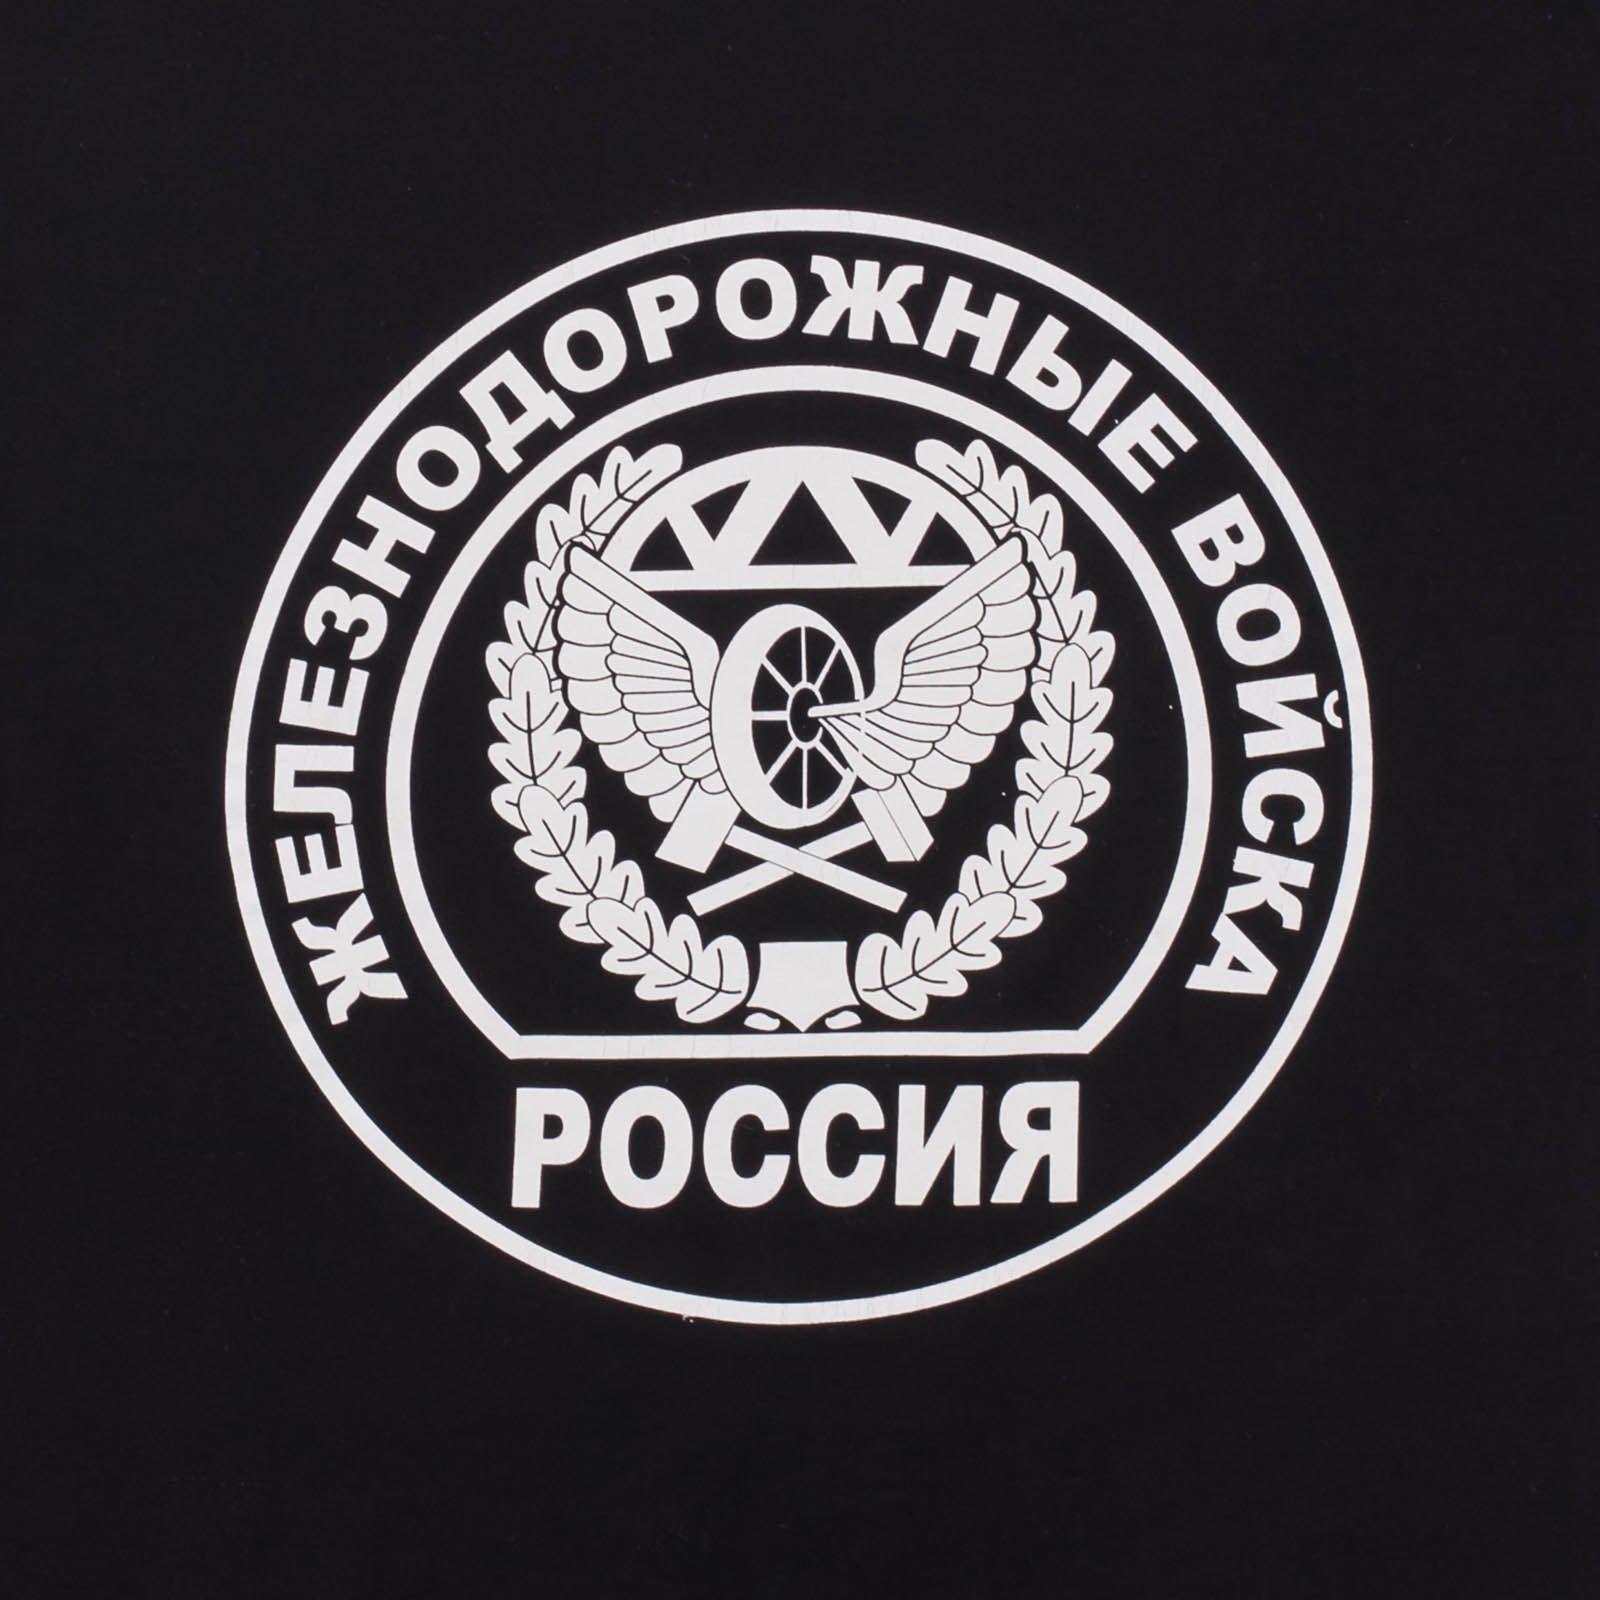 Армейская Футболка «Железнодорожные войска» - принт